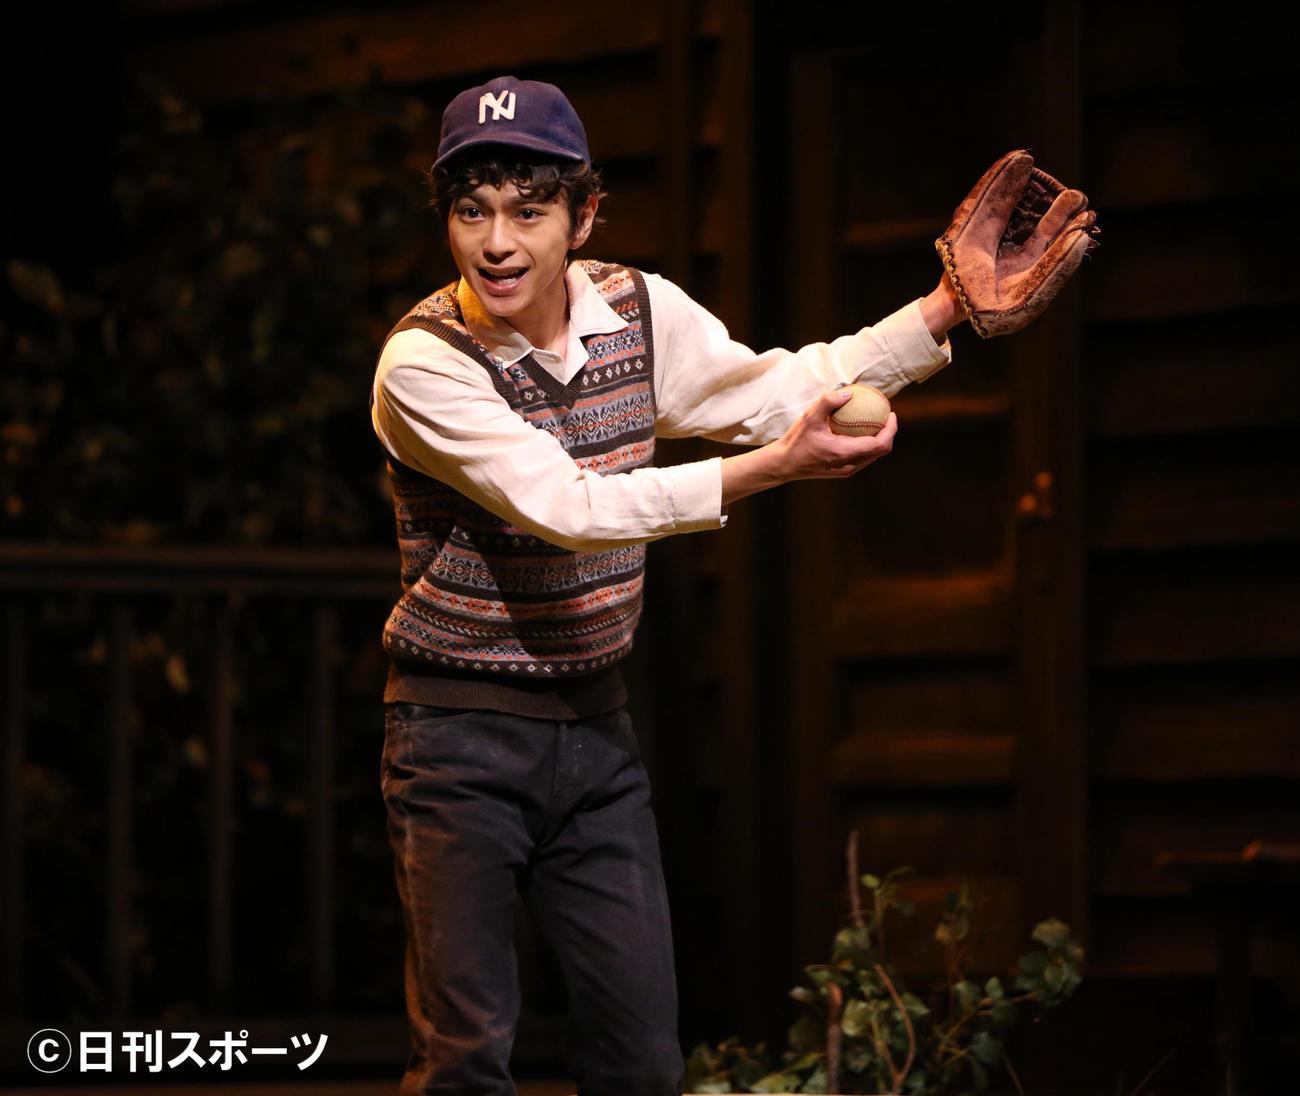 舞台「ブライトン・ビーチ回顧録」公開ゲネプロで熱演する佐藤勝利(撮影・阿部泰斉)